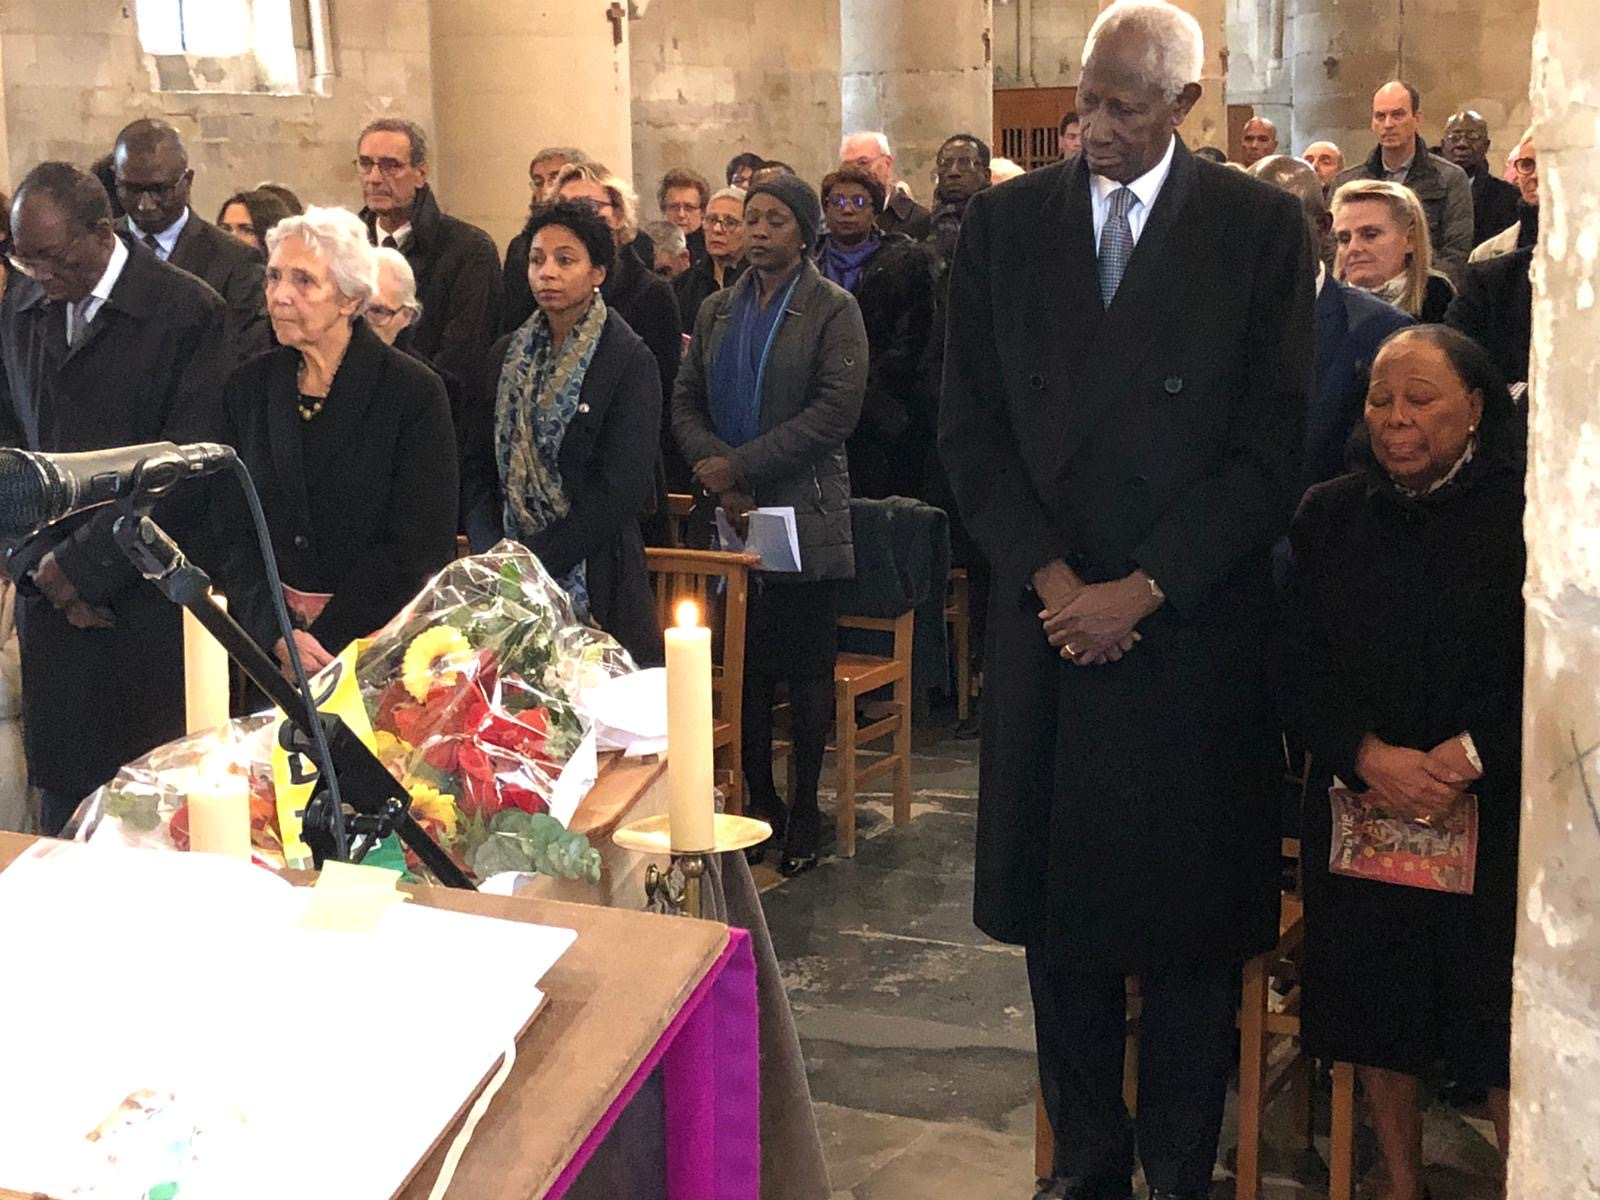 L'ancien Président Abdou Diouf et Mme Elisabeth Diouf à la messe donnée pour Mme Colette Hubert Senghor à Verson par sa famille française